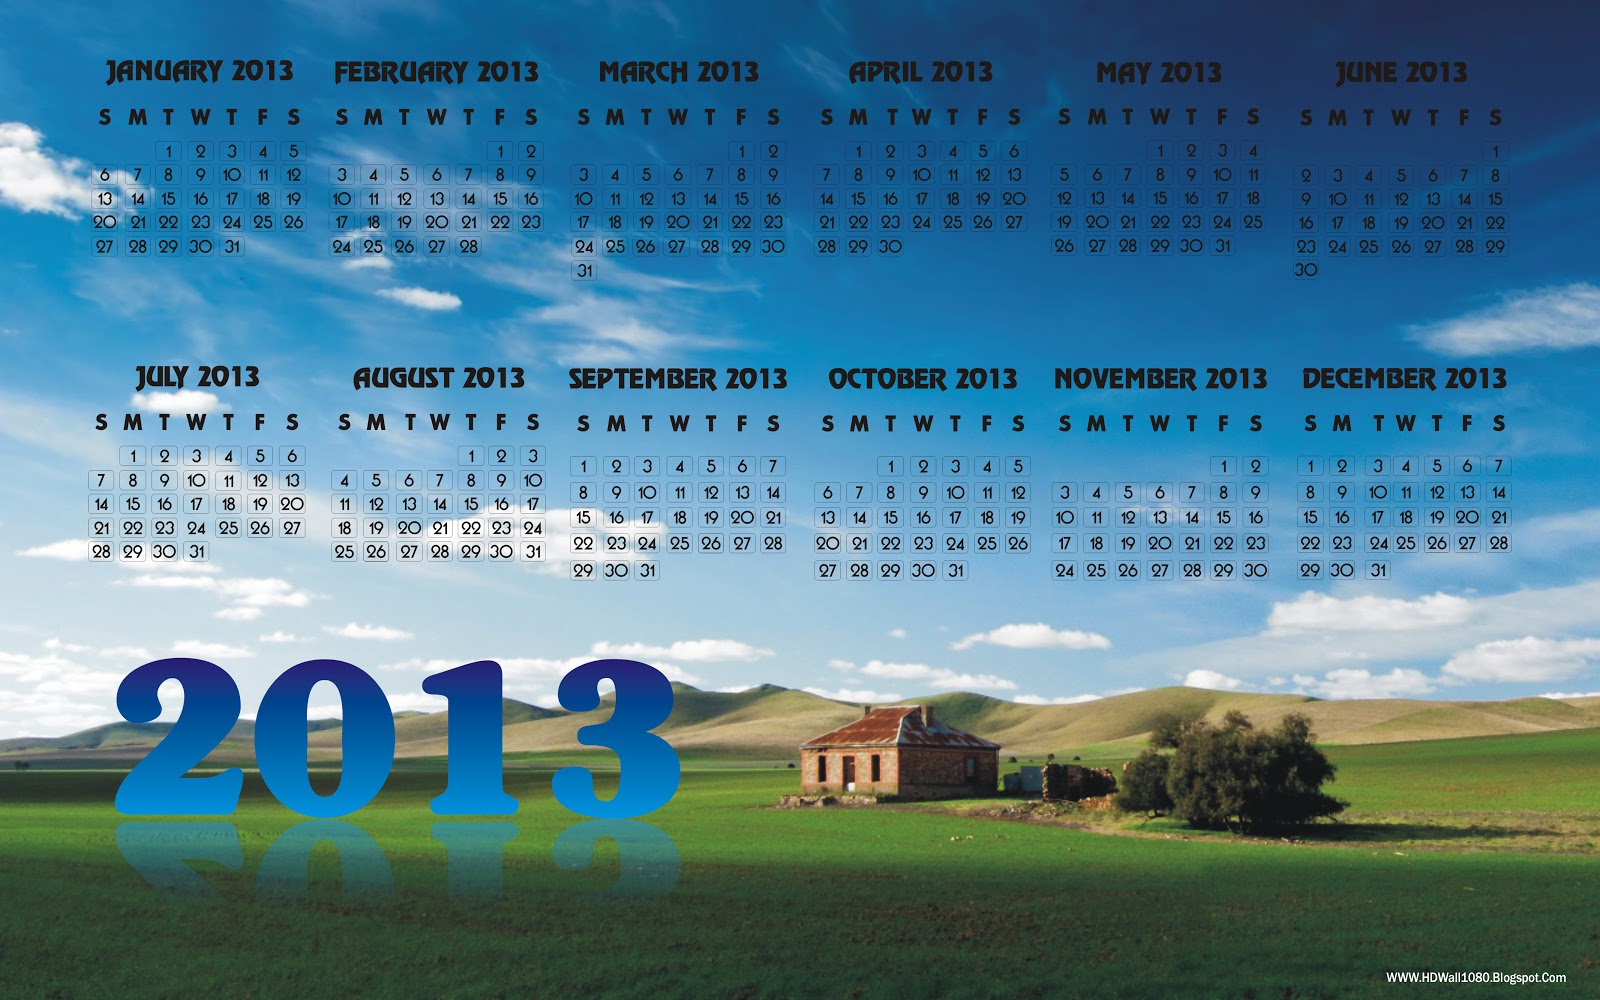 Calendar 2013 Hd Wallpapers 1600x1000